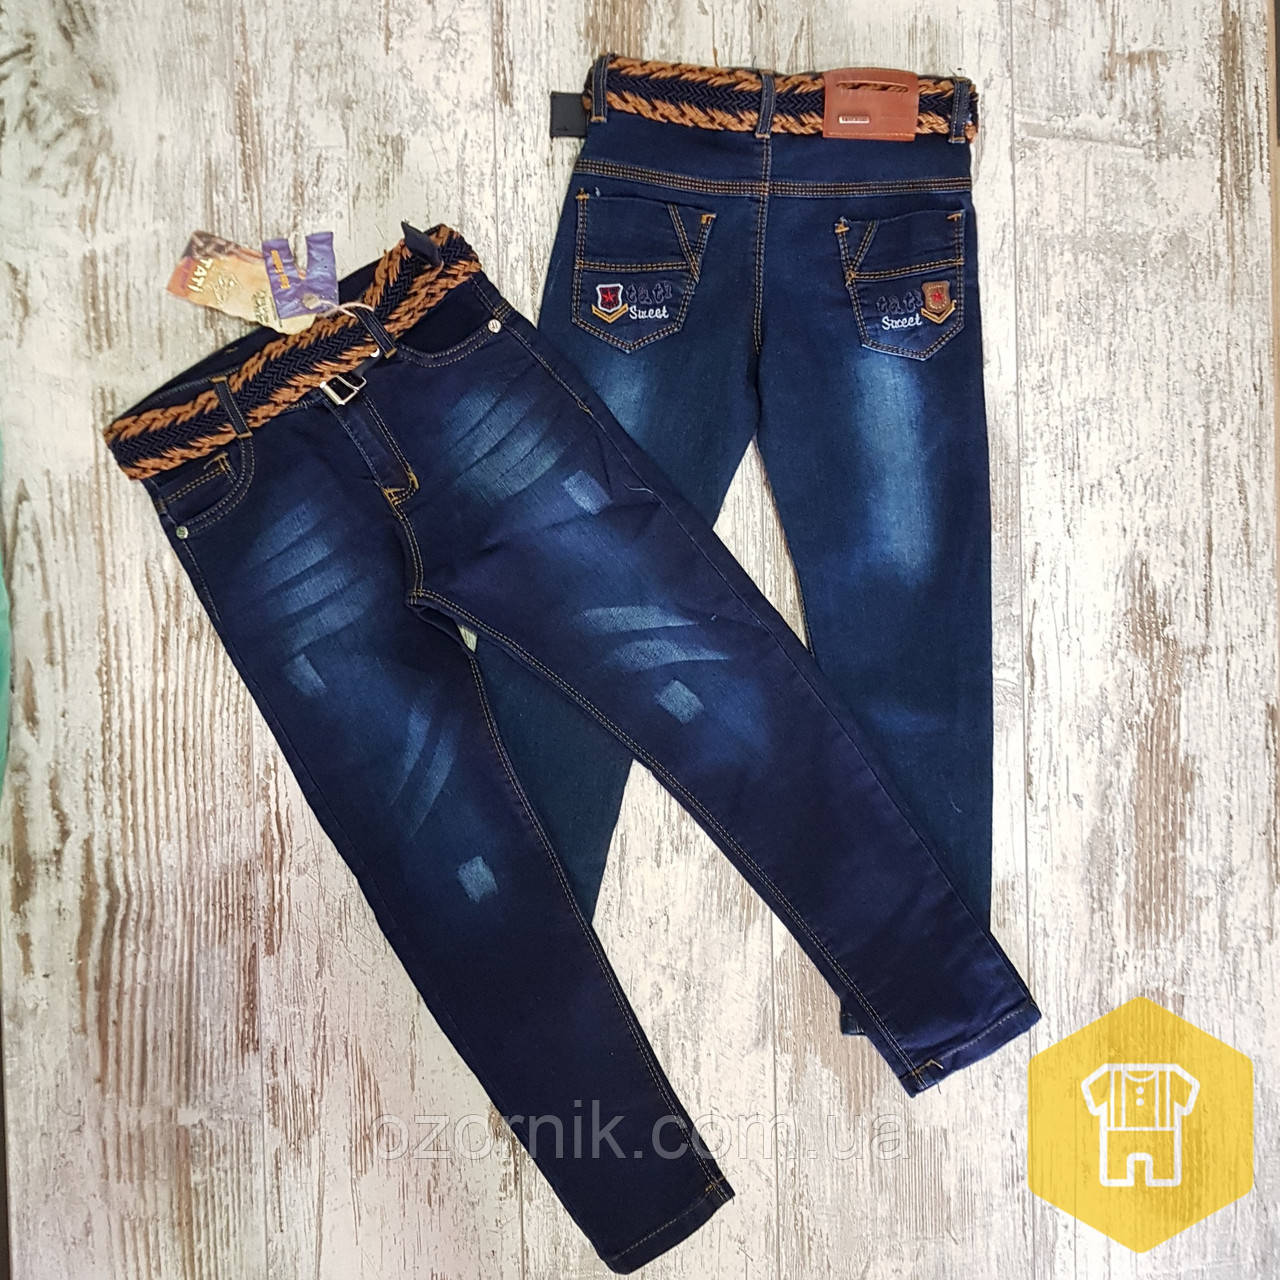 8a09b5a5fdd Классические джинсы для мальчиков 1-4 года